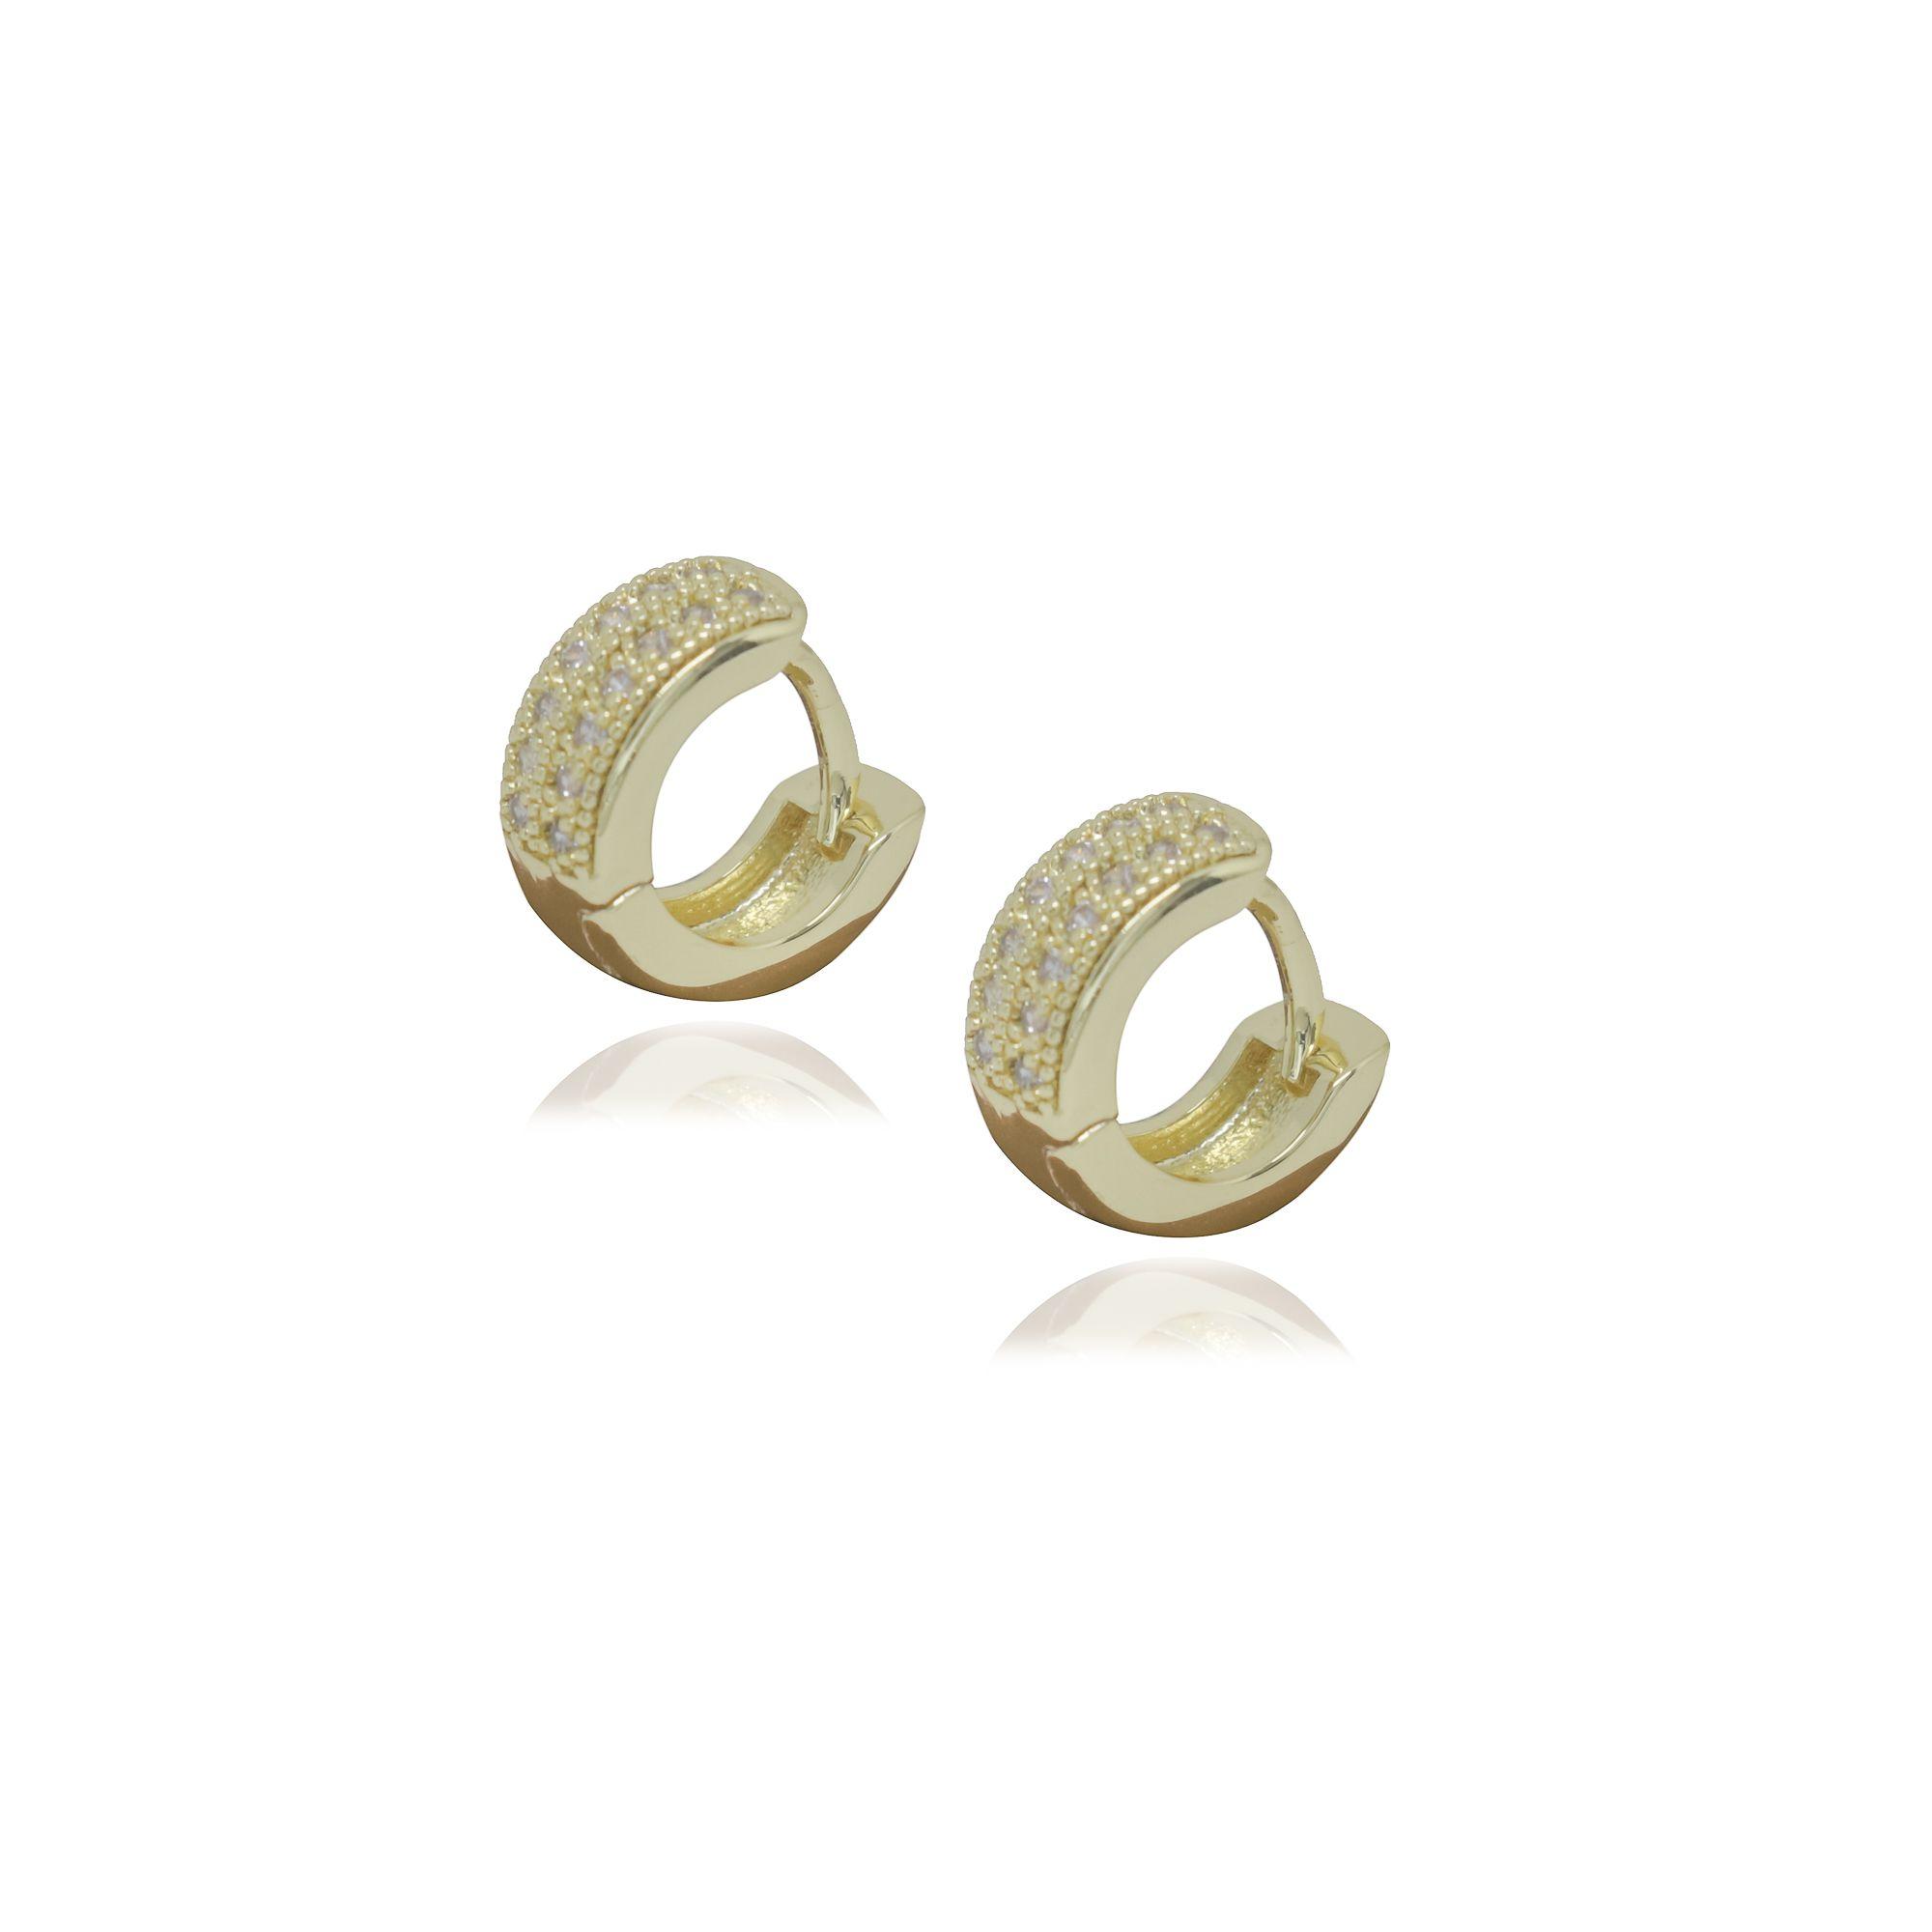 Brinco Semi joia argola  cravejada 1,1 x 0,4 cm cravejada em microzircônia e banhada a ouro 18k ou rhodium